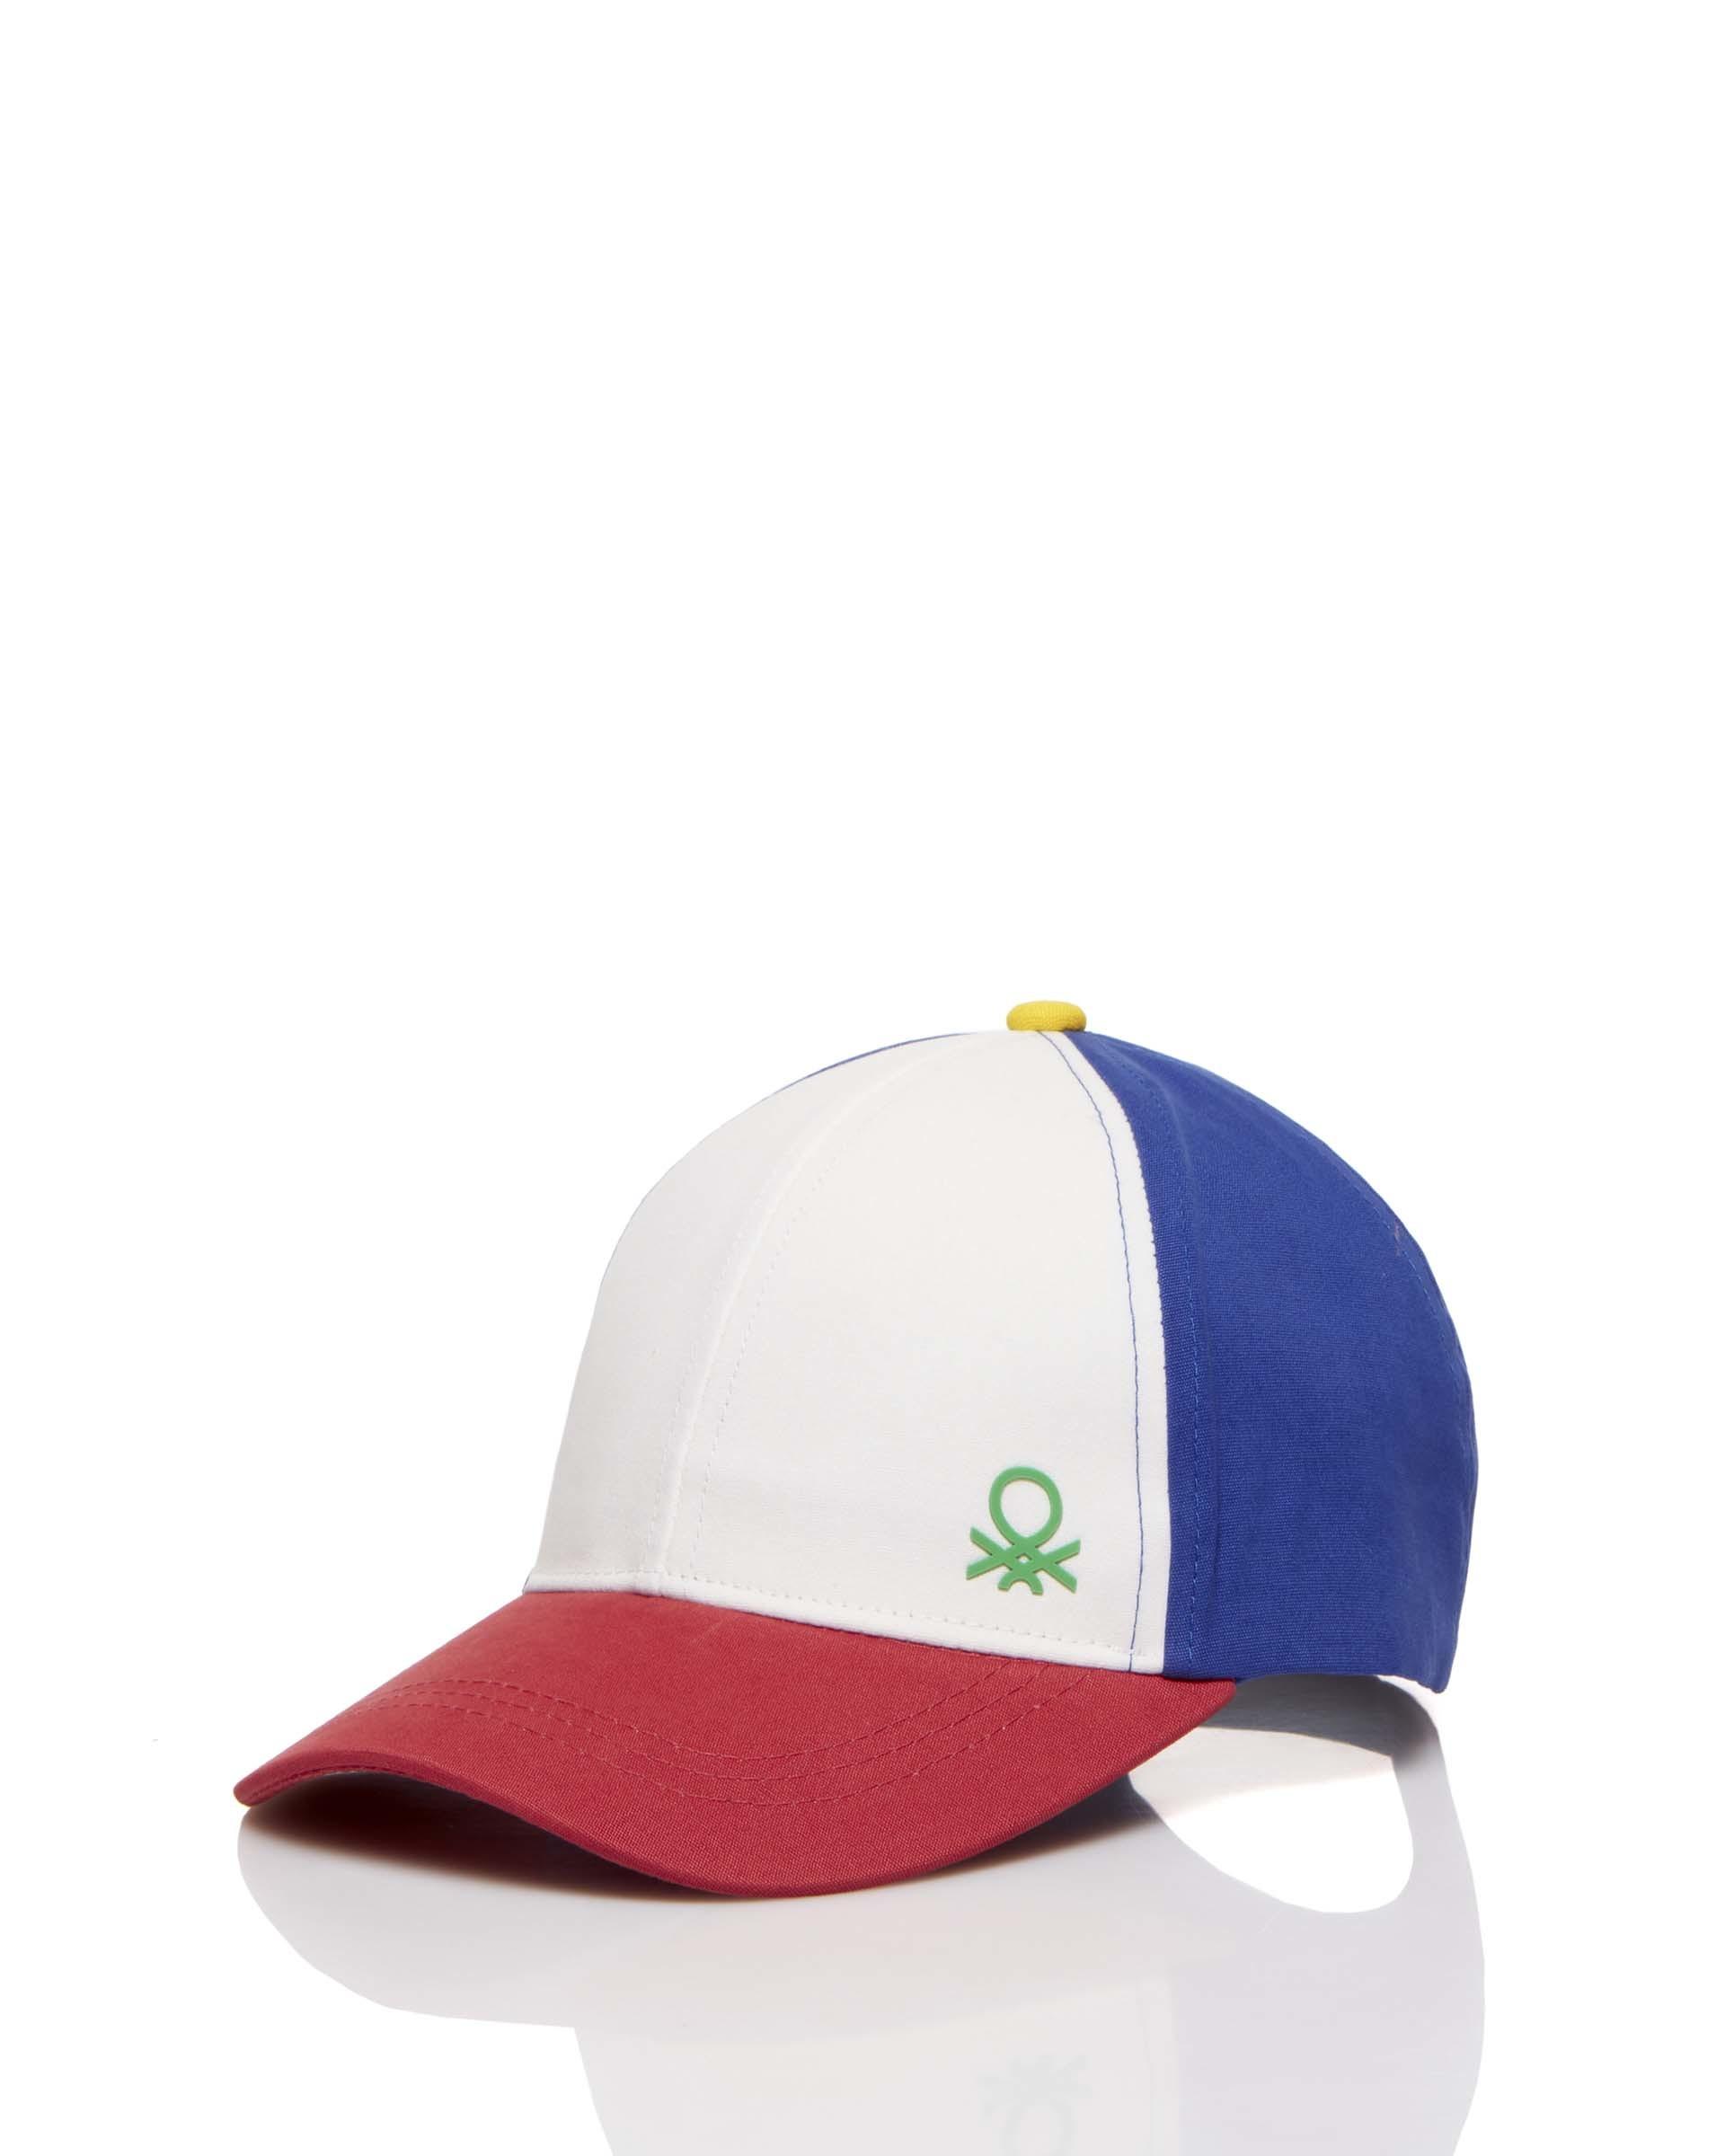 Купить 20P_6GOQB428F_901, Кепка для мальчиков Benetton 6GOQB428F_901 р-р 152, United Colors of Benetton, Детские кепки